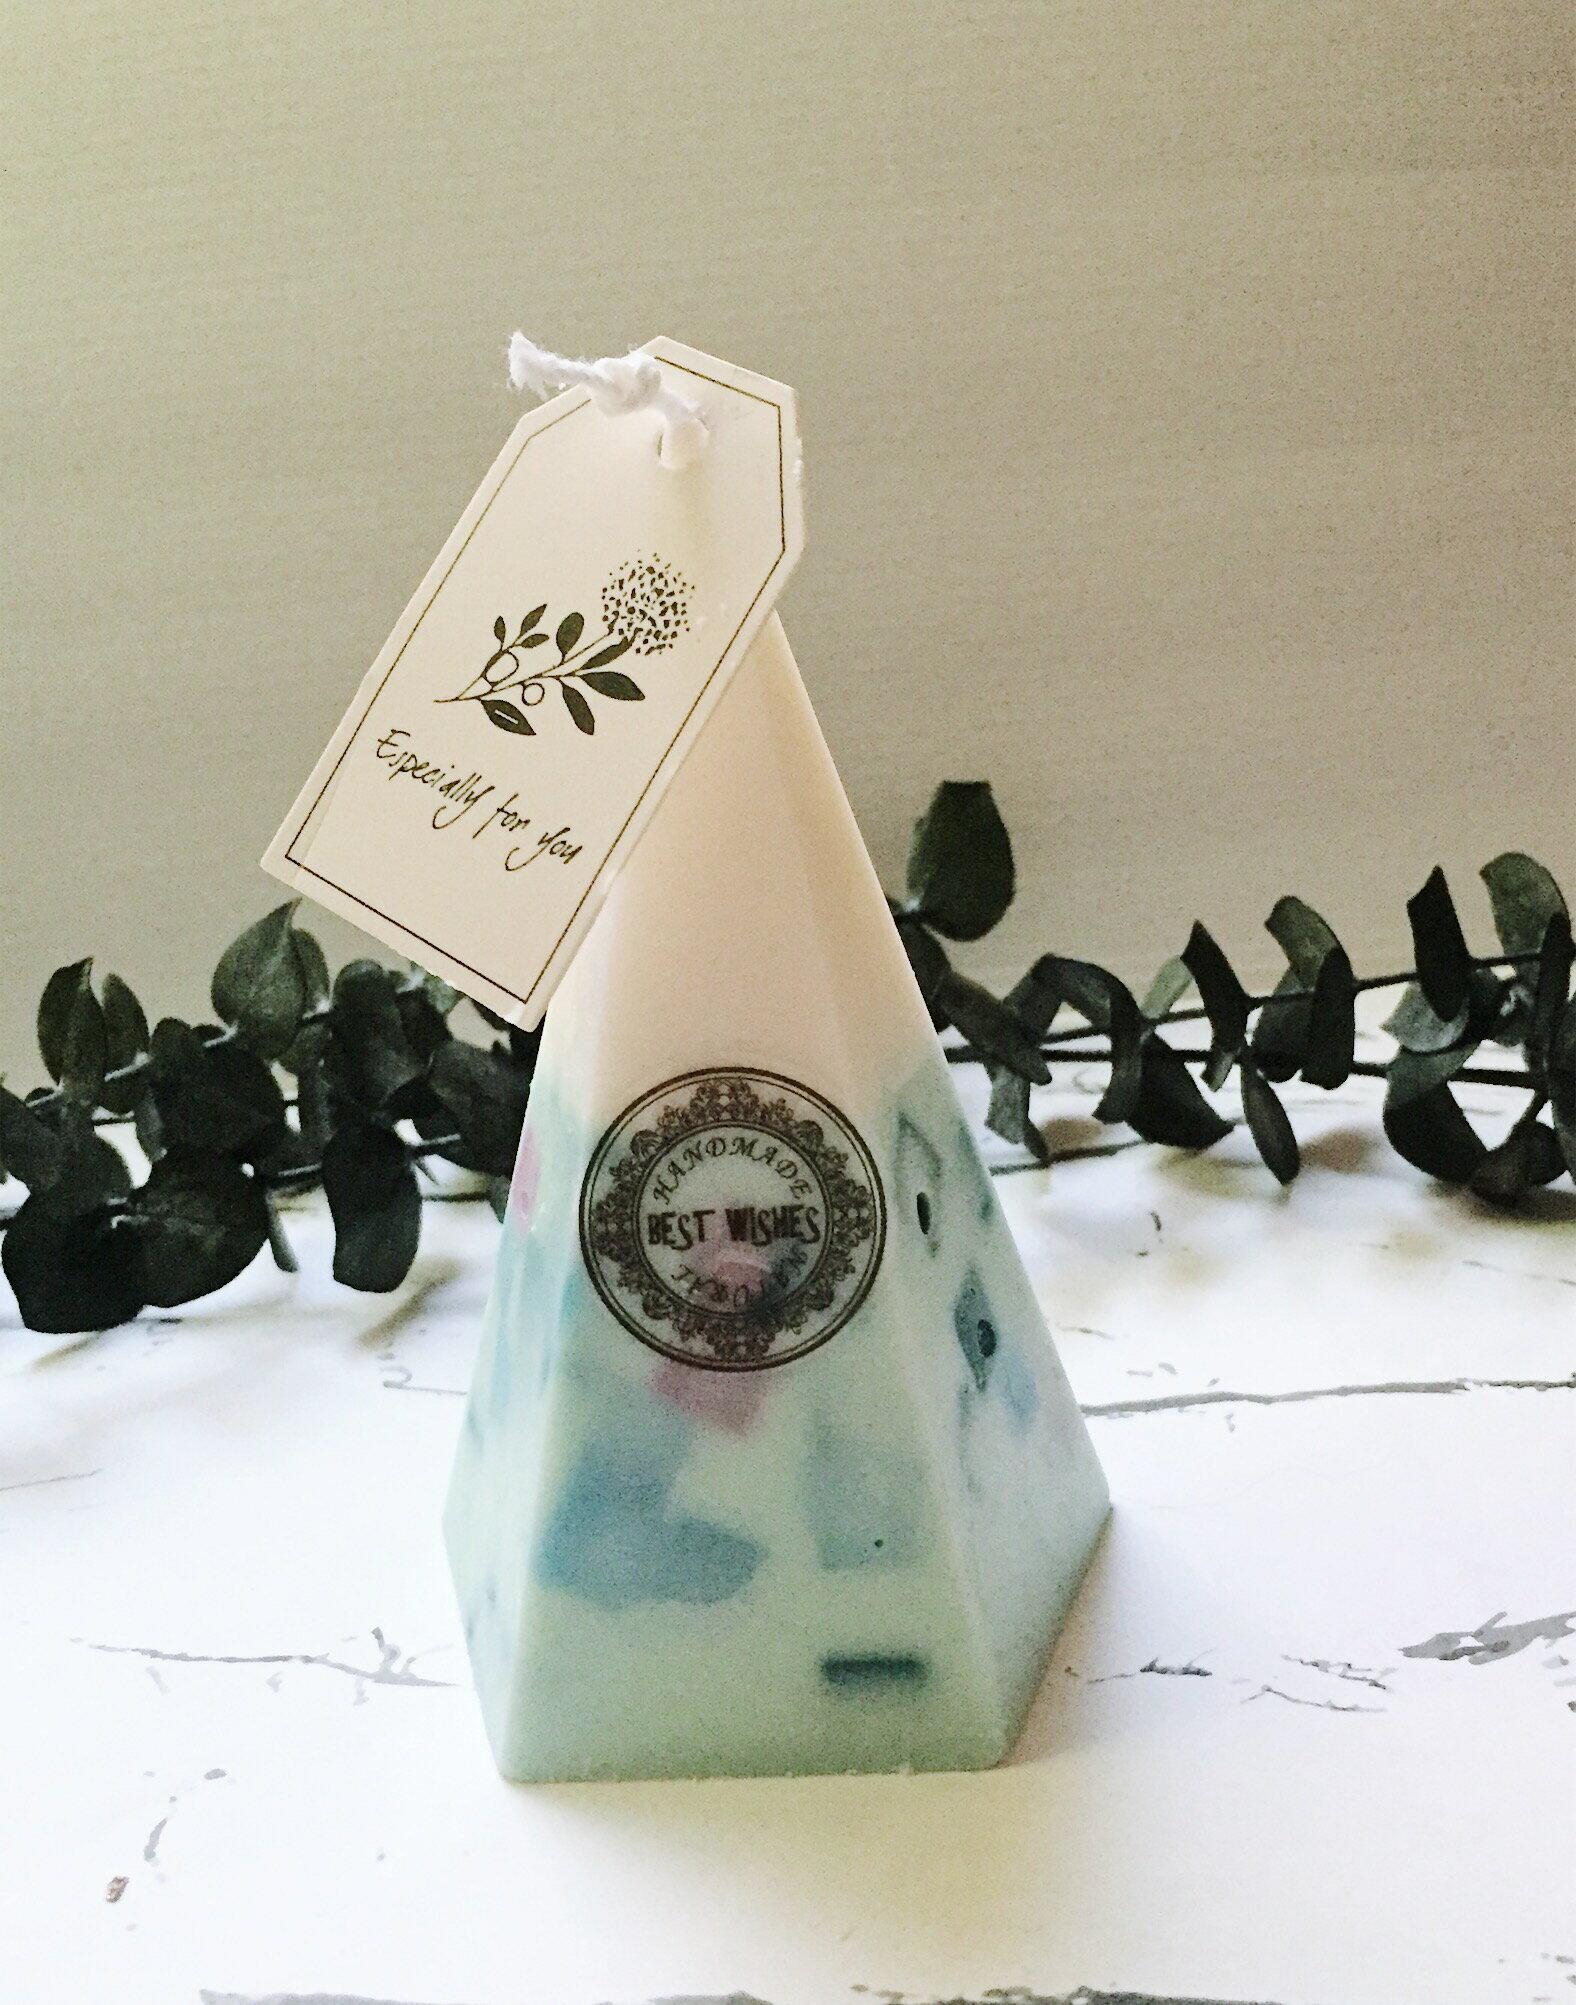 藍彩方塊香氛蠟燭 **天然大豆精油蠟燭** 香氛手工製作 情人節禮物 生日禮物 結婚送禮